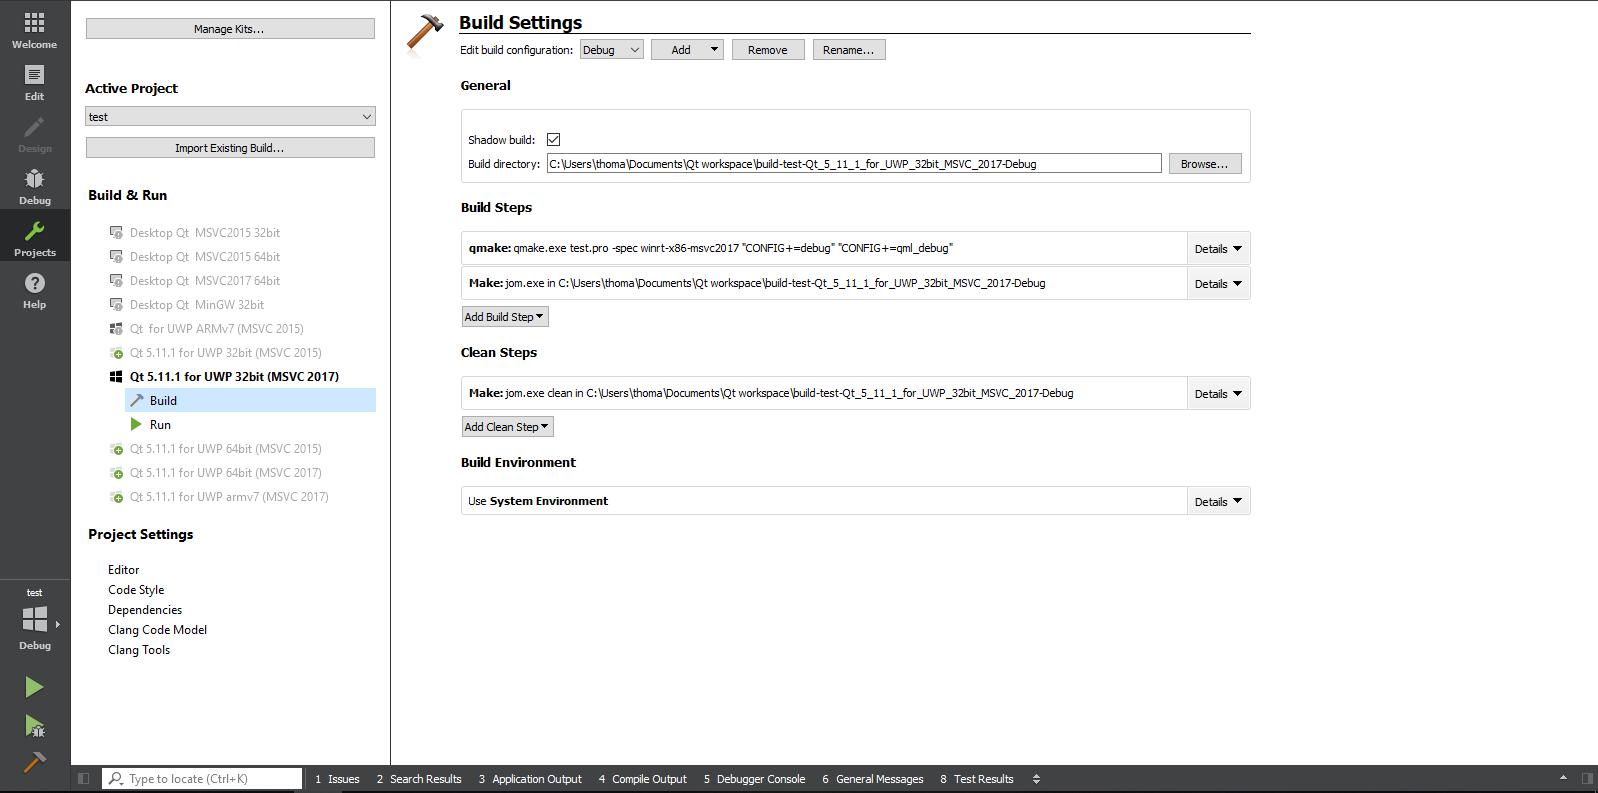 0_1532594854797_BuildSettings.PNG